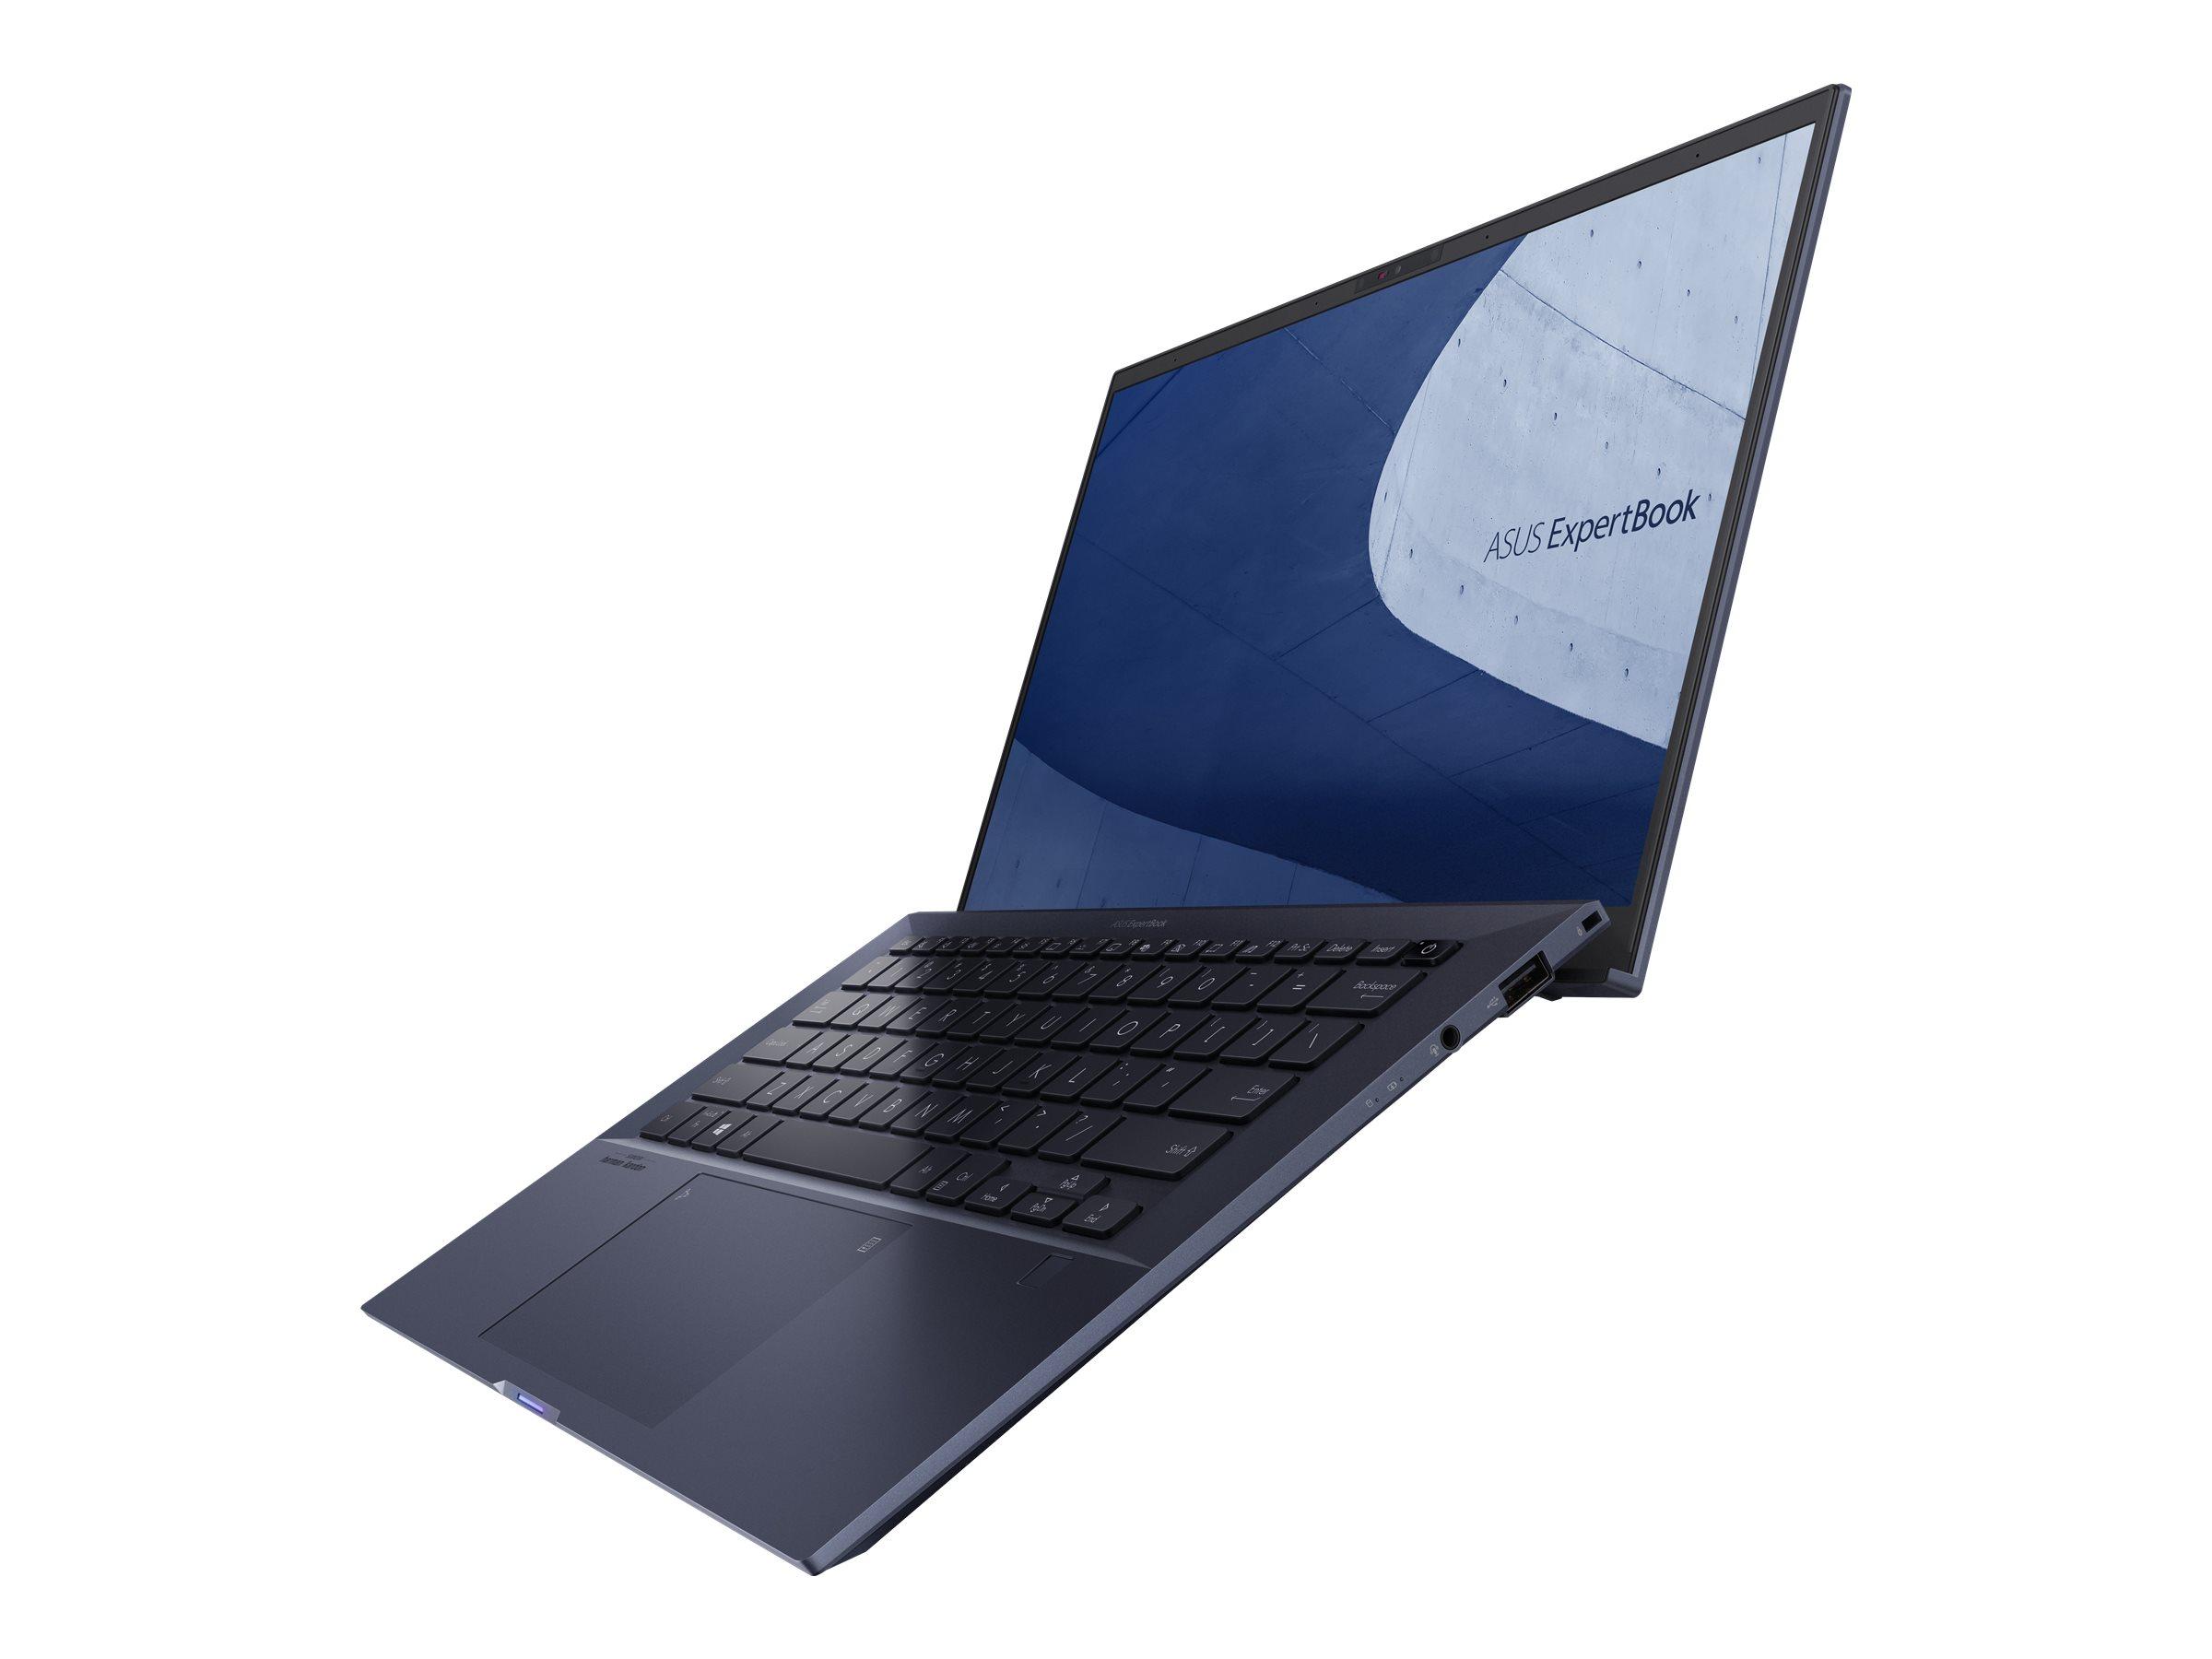 Vorschau: ASUS ExpertBook B9 B9450FA-BM0745R - Core i7 10610U / 1.8 GHz - Win 10 Pro 64-Bit - 16 GB RAM - 1 TB (2x)